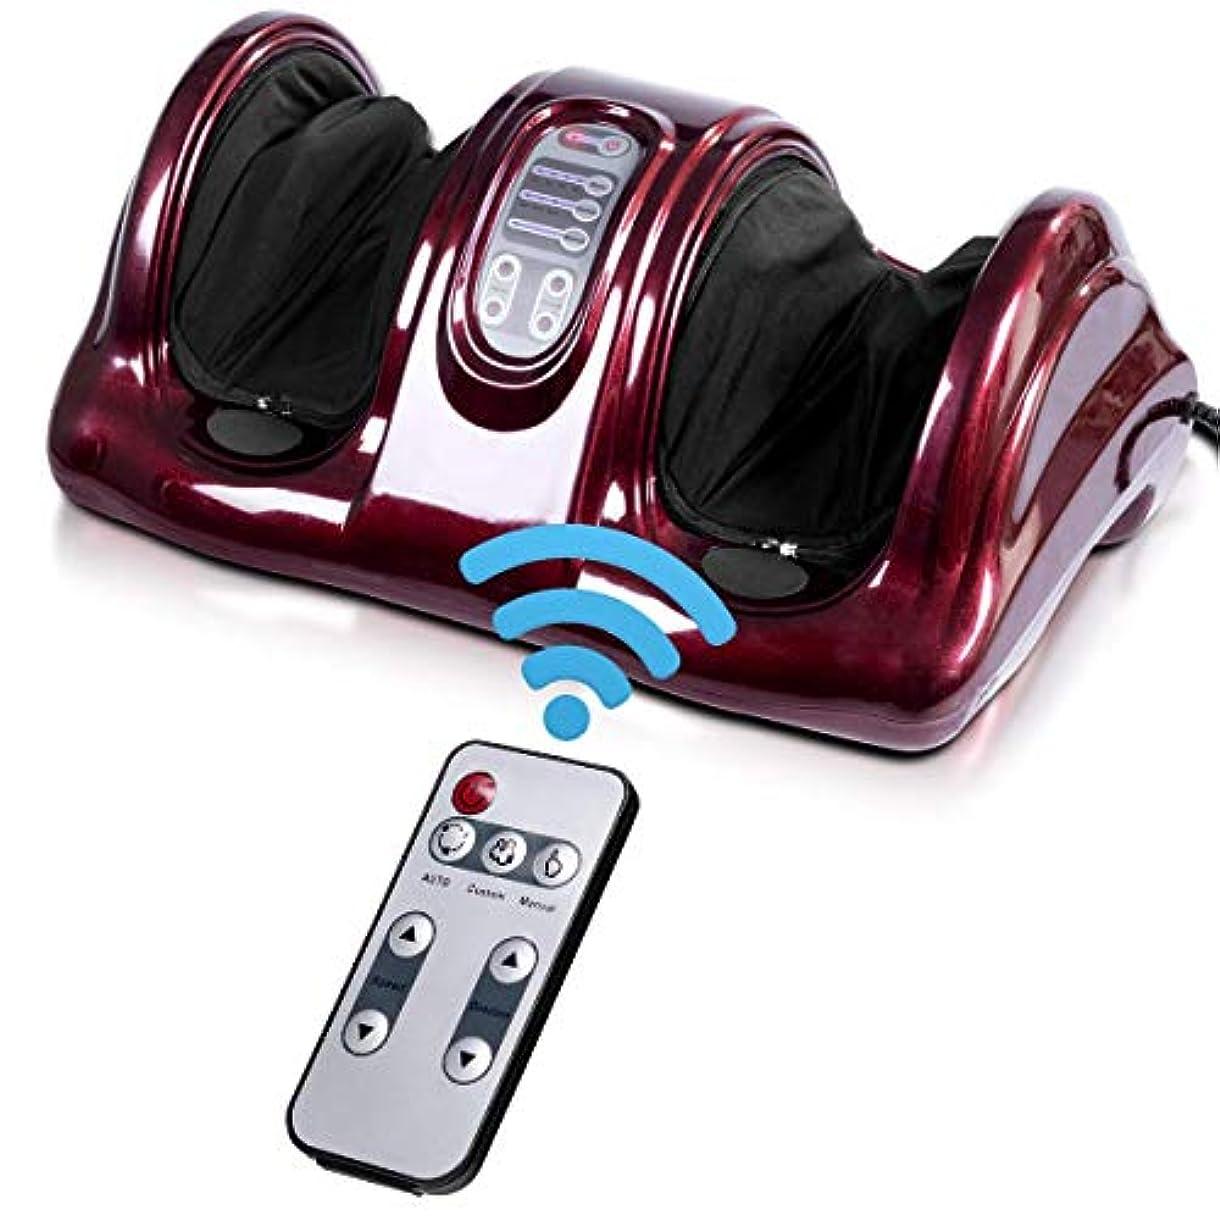 毒液航空便リビングルーム[Giantex][Giantex Foot Massager Machine Massage for Feet, Chronic Nerve Pain Therapy Spa Gift Deep Kneading Rolling...